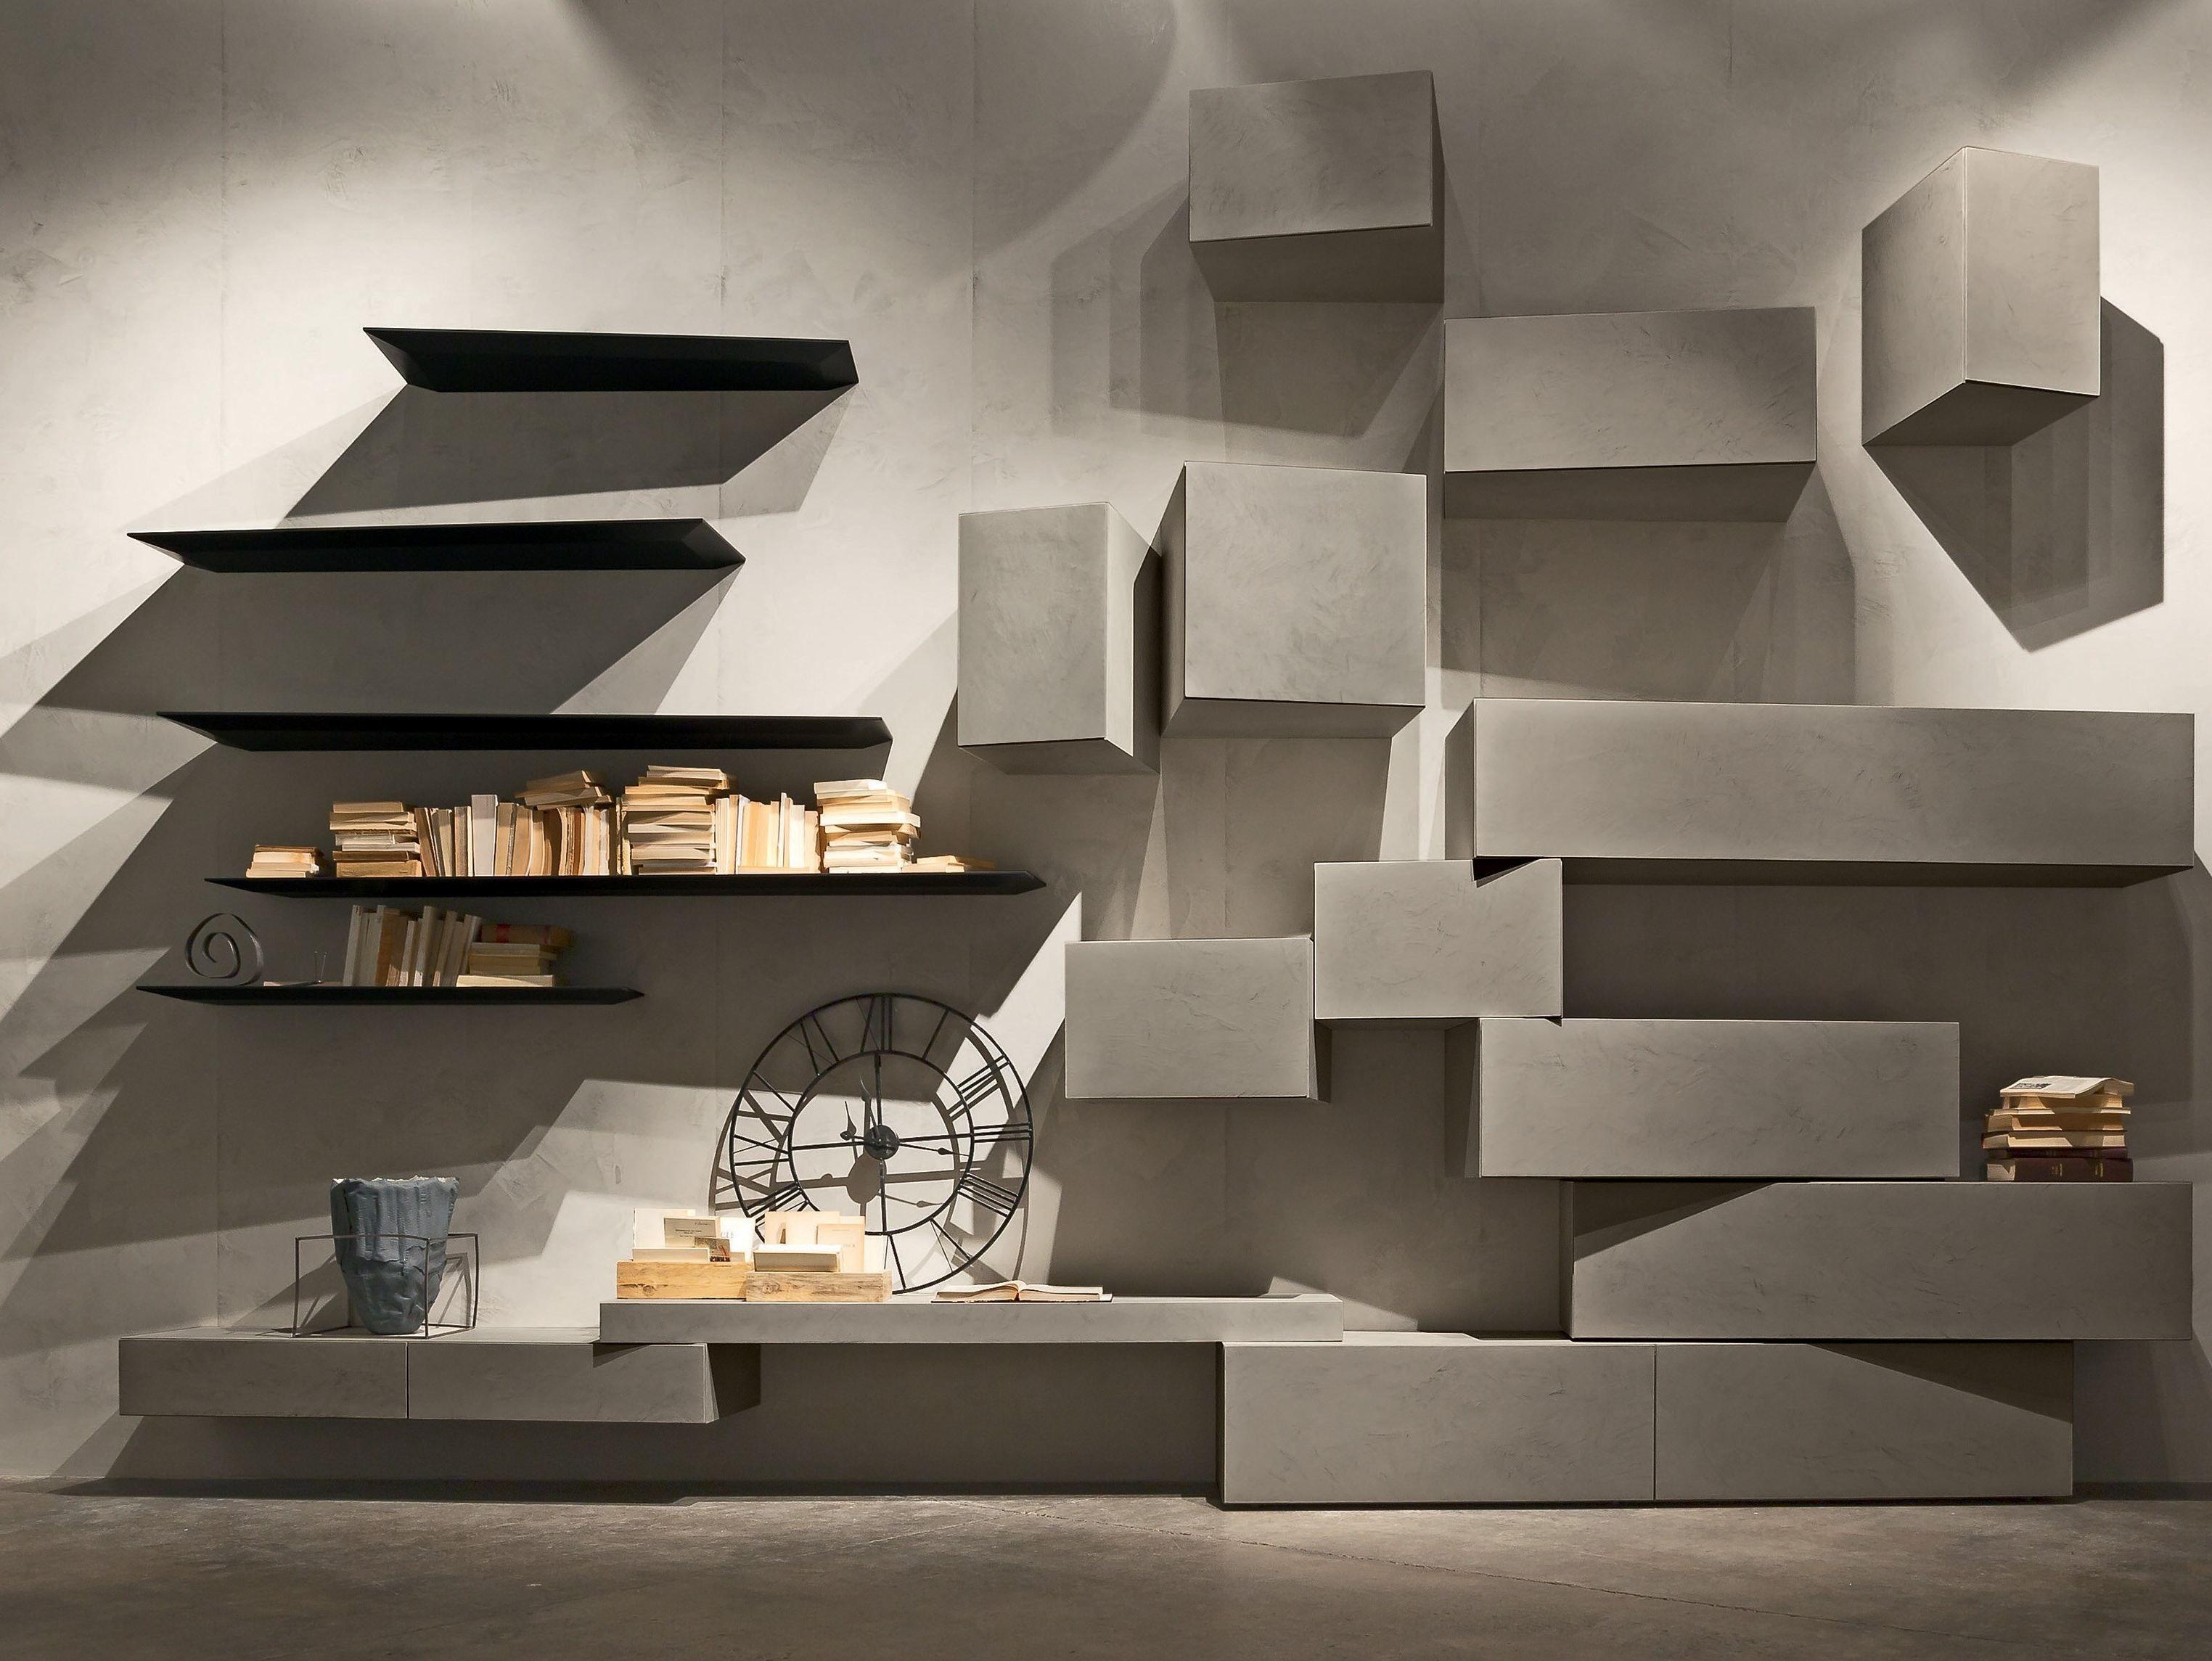 módulo de arrumação de parede secional inclinart ecomalta ... - Mobili Living Design